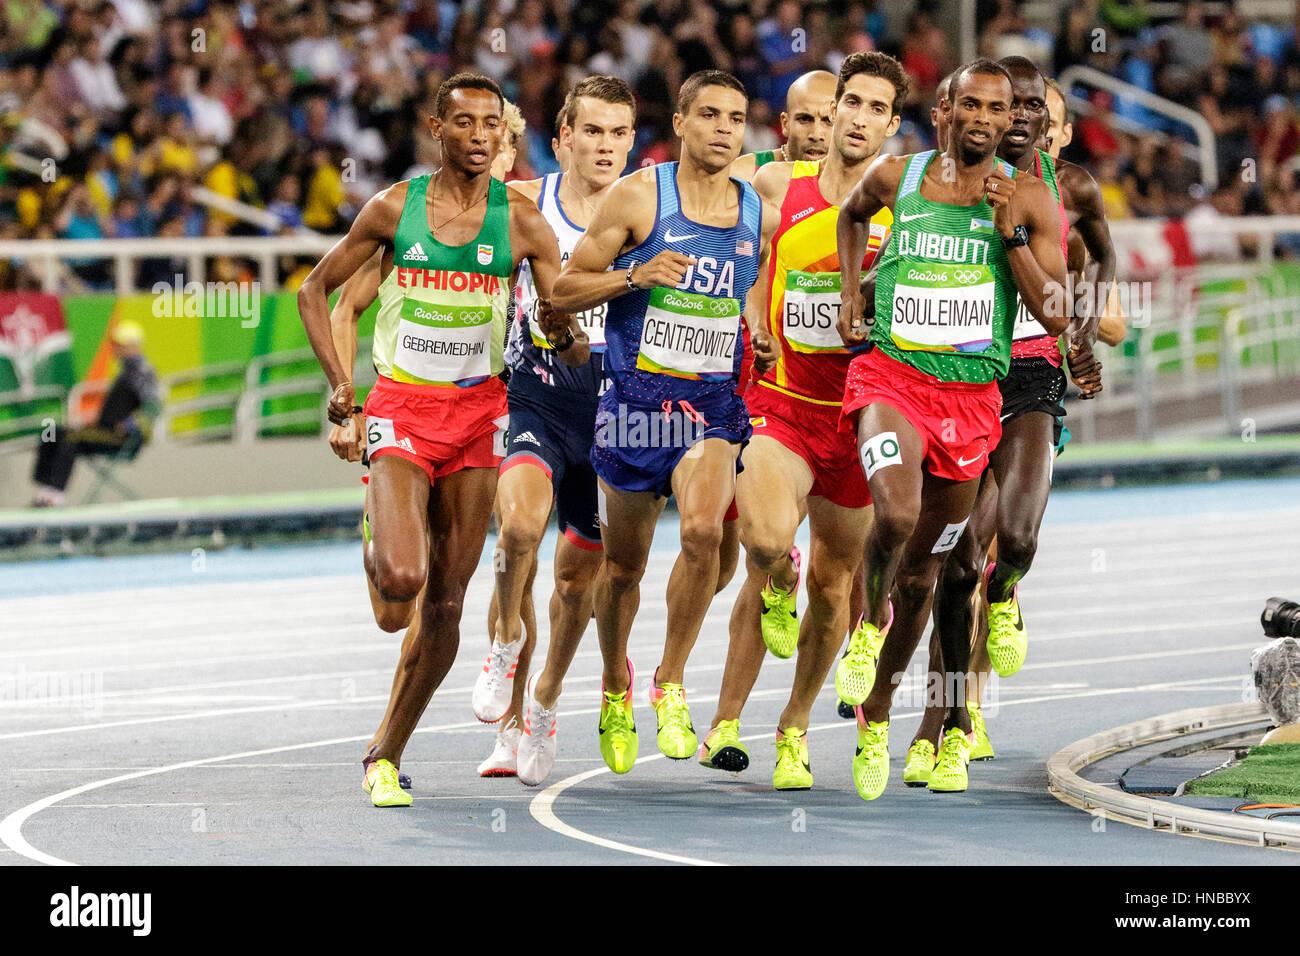 Rio de Janeiro, Brasile. Il 18 agosto 2016. Atletica, Matthew Centrowitz (USA) concorrenti negli uomini del 1500m Immagini Stock